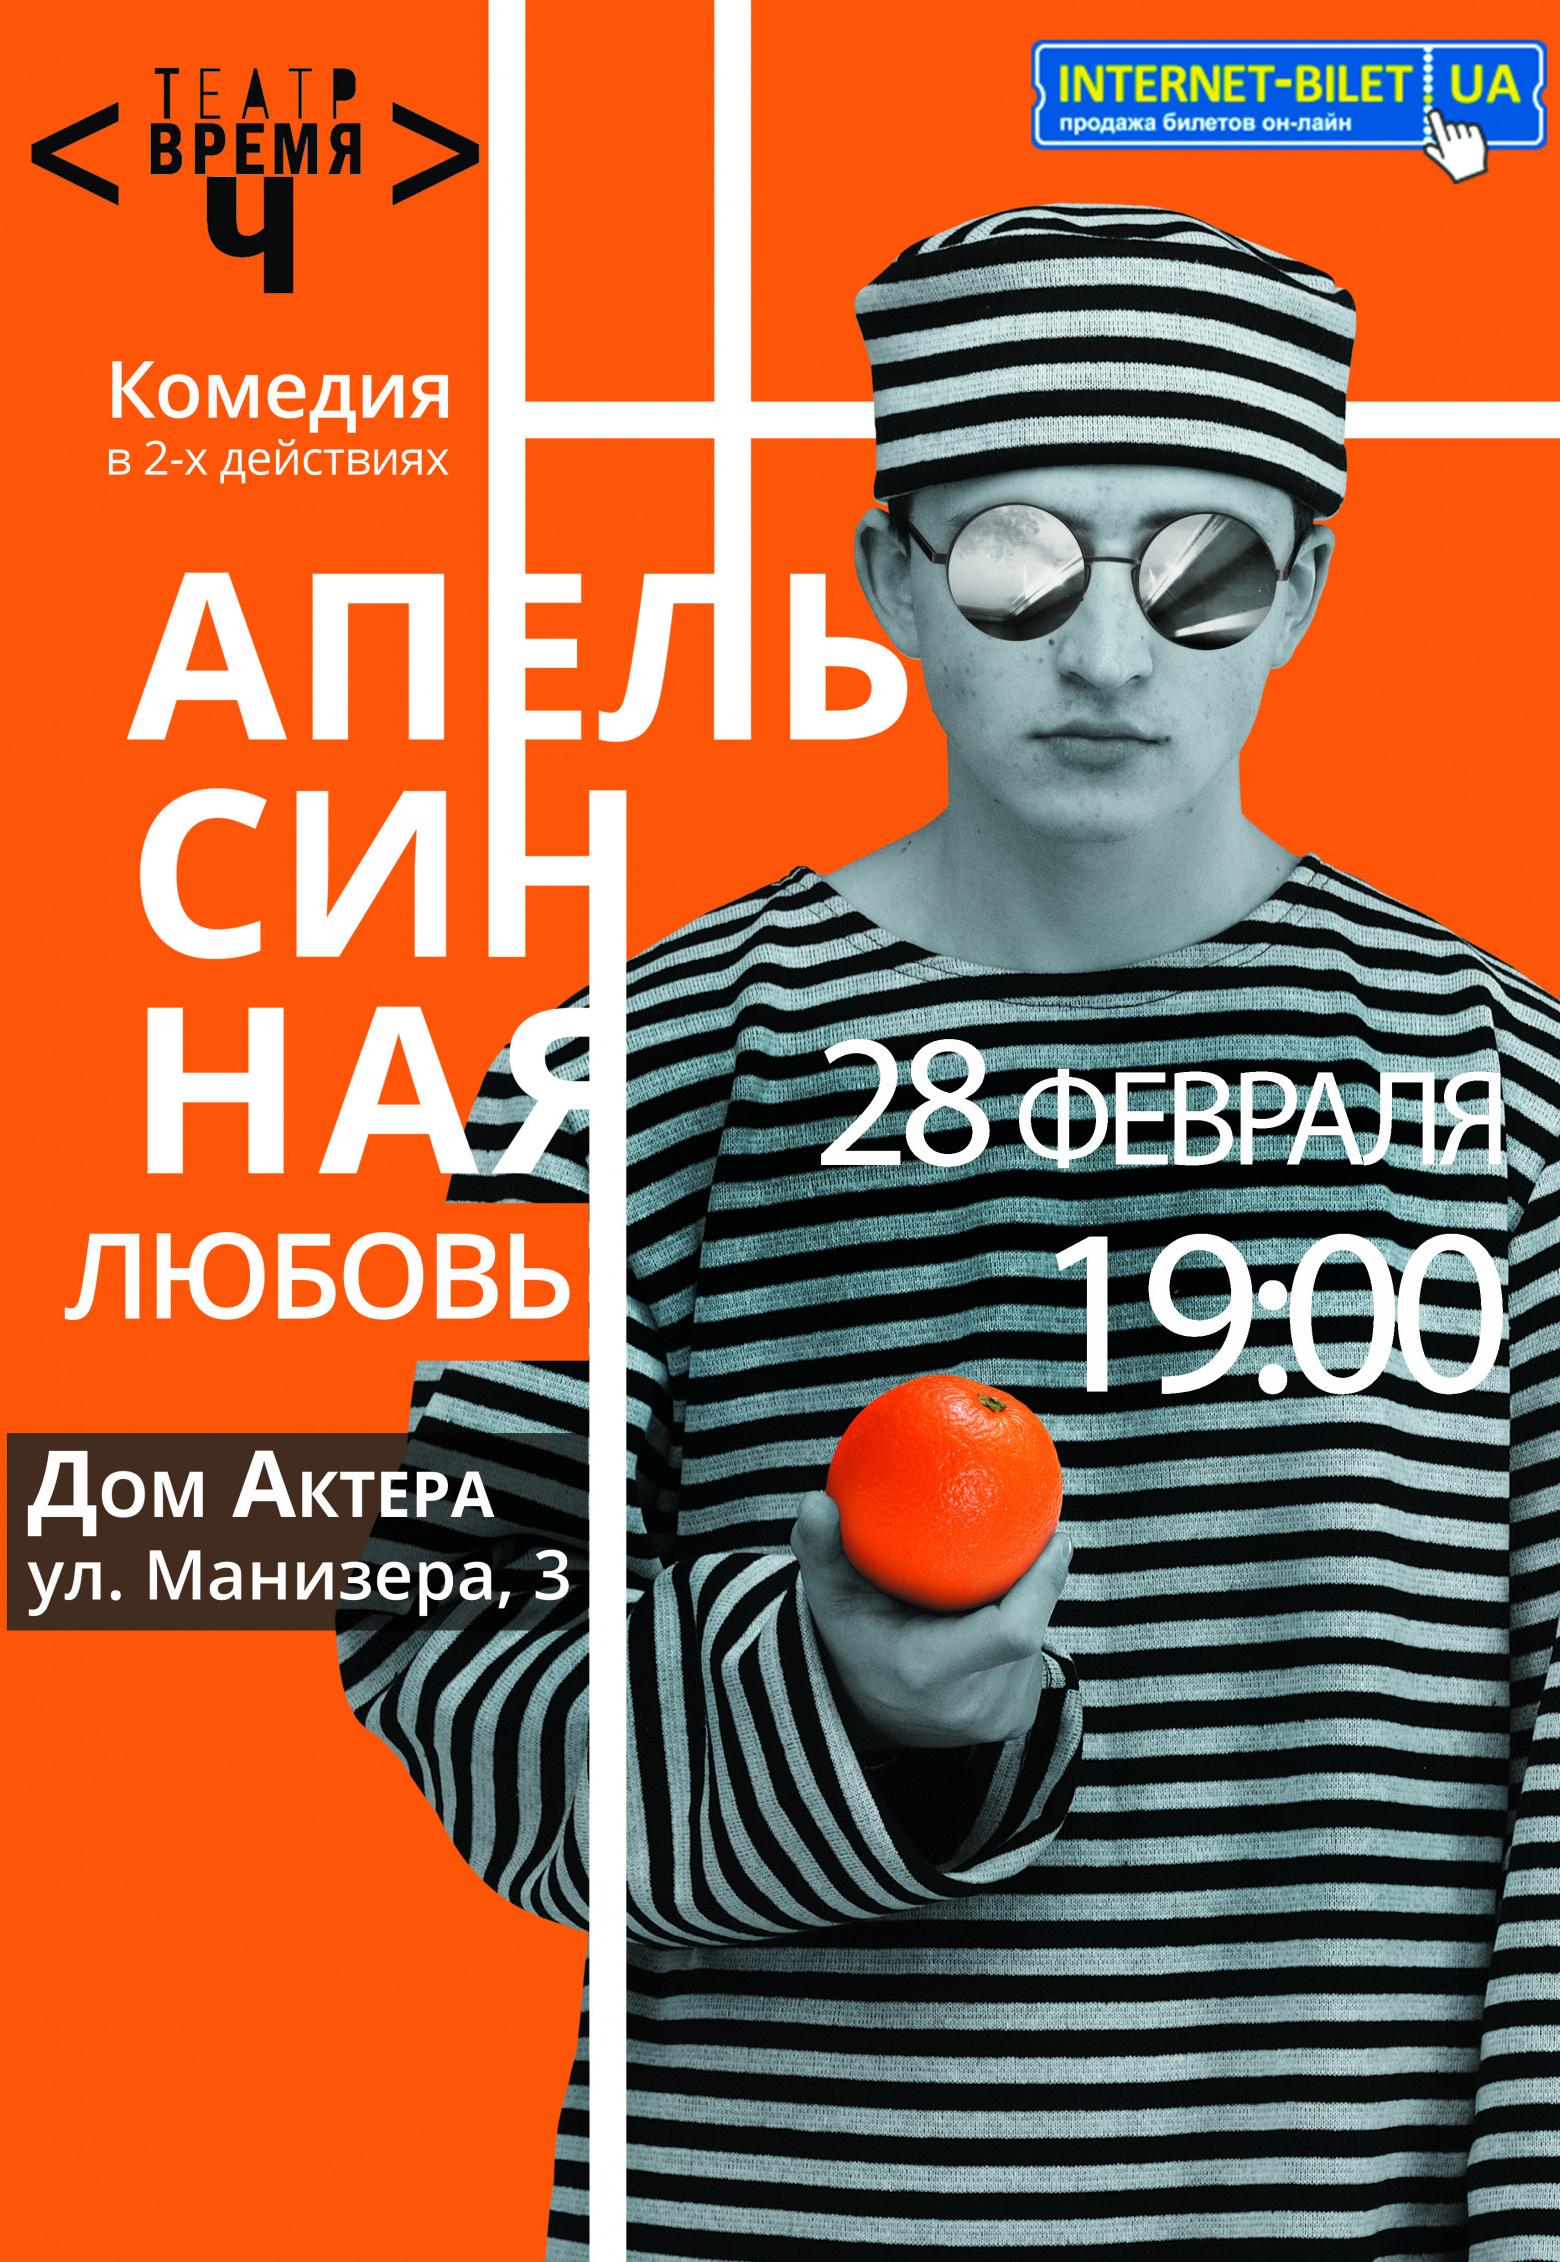 Как заказать билеты по интернету в театр афиша театр движения тбилиси